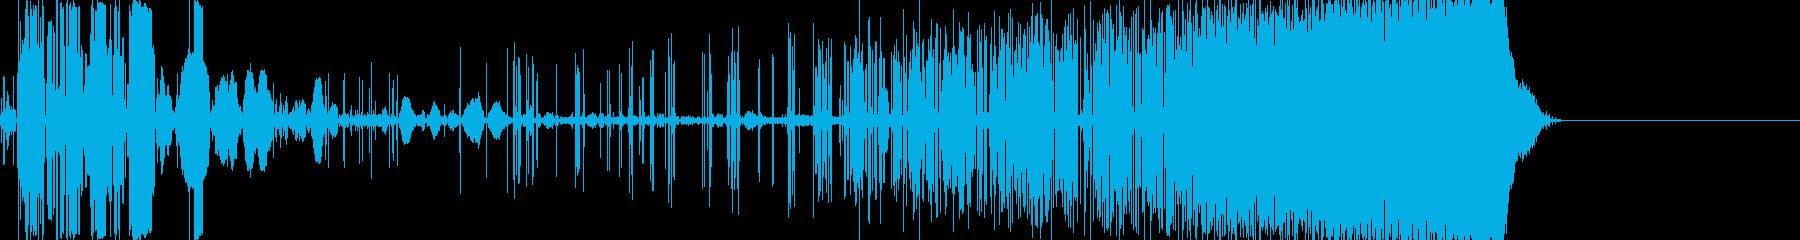 【電子音】 SF デジタルFX 25の再生済みの波形